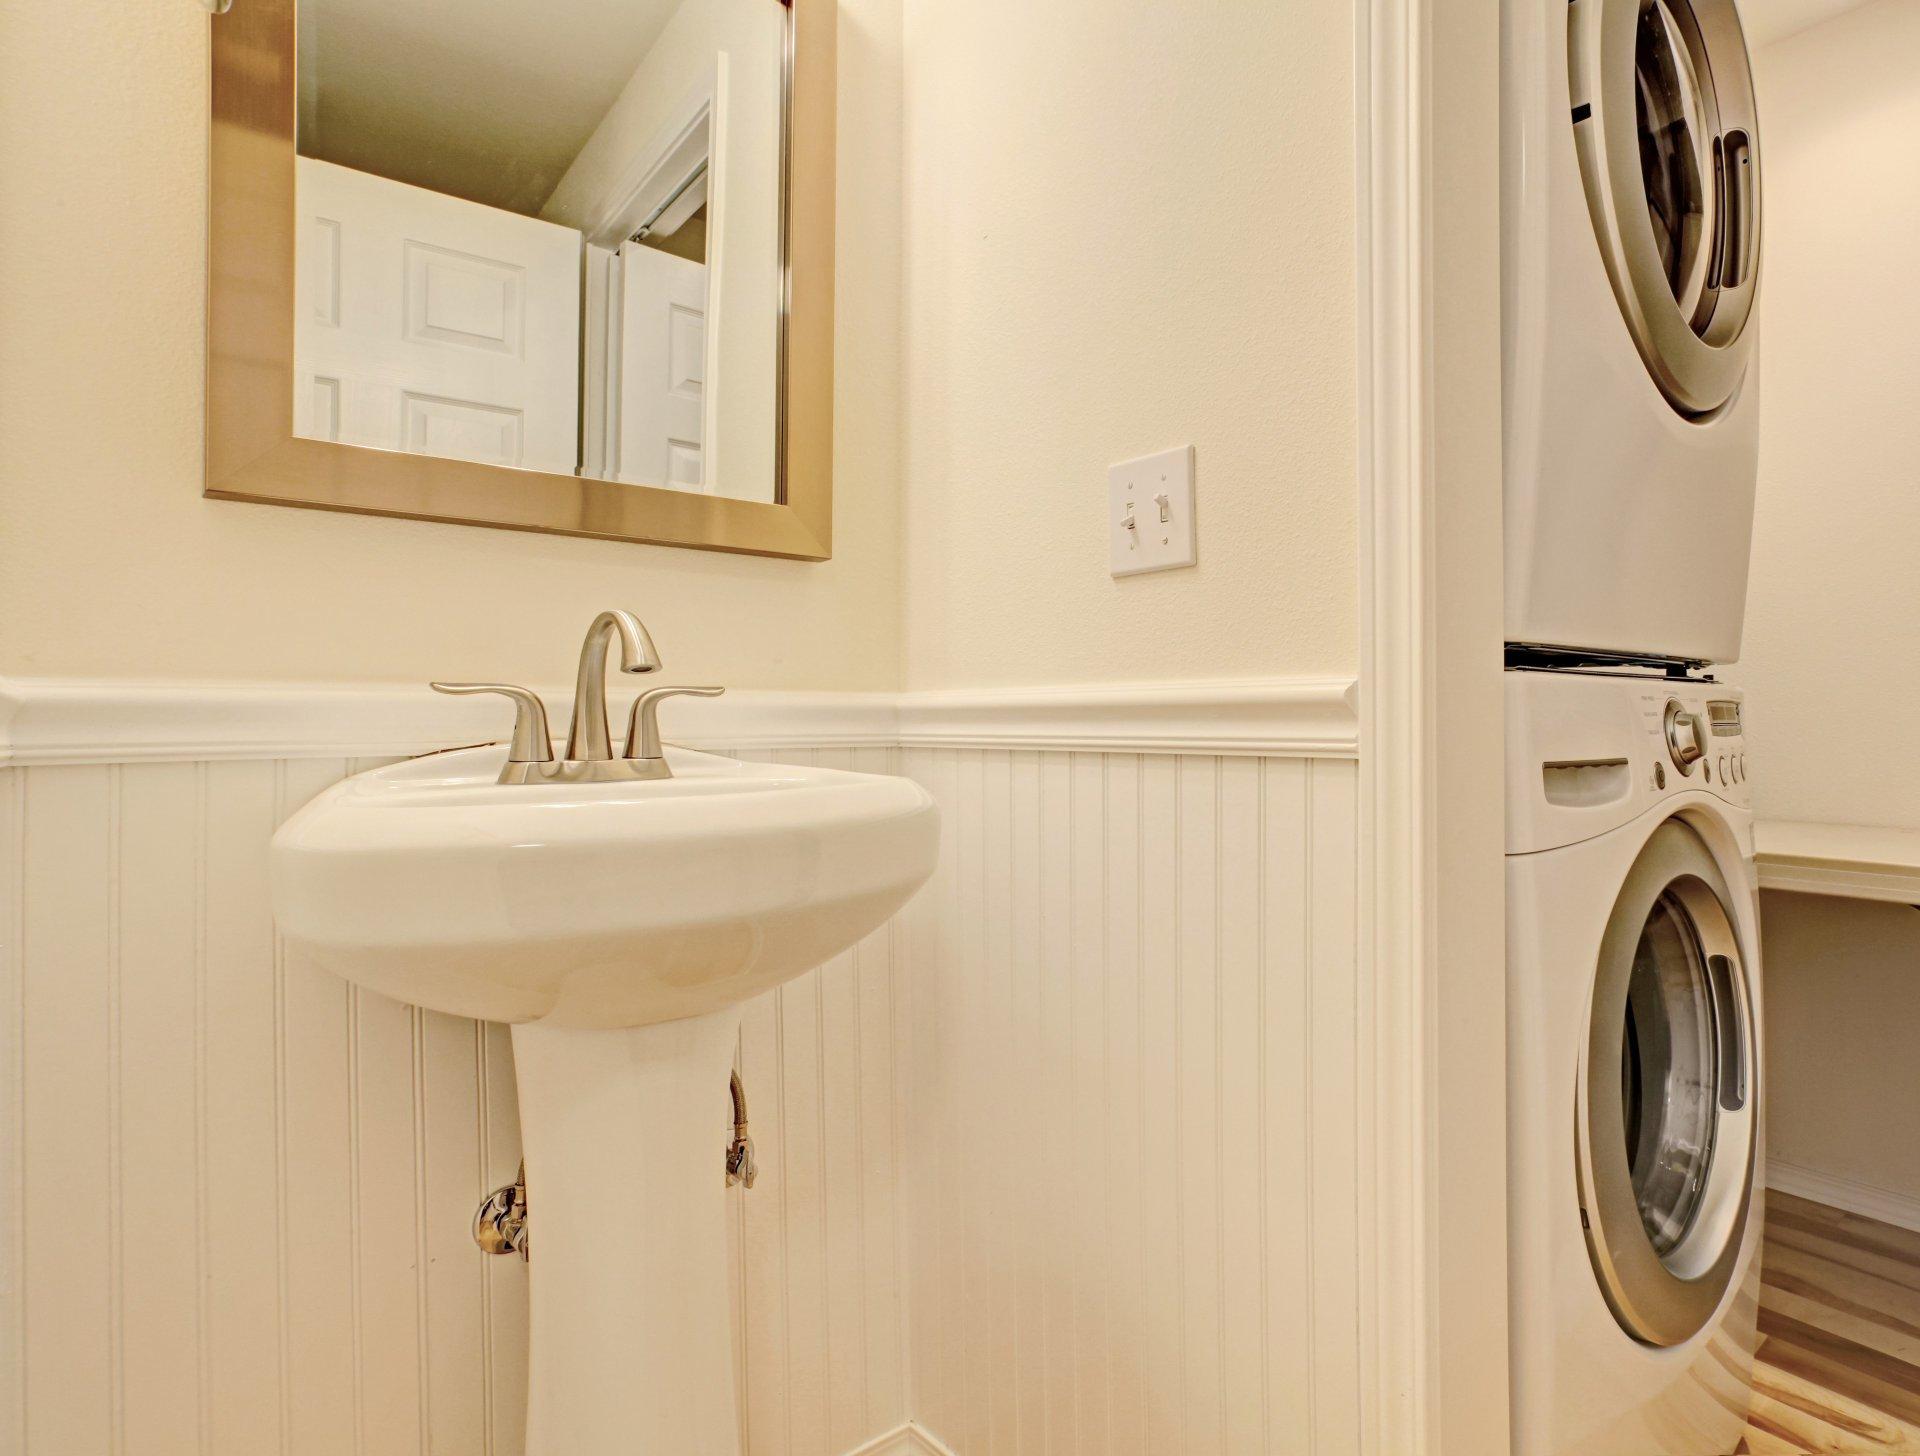 Miejsce dla pralki_Aranżacja małej pralni w łazience, biała umywalka, lustro w złotej ramie, pralka i suszarka za małą ścianką